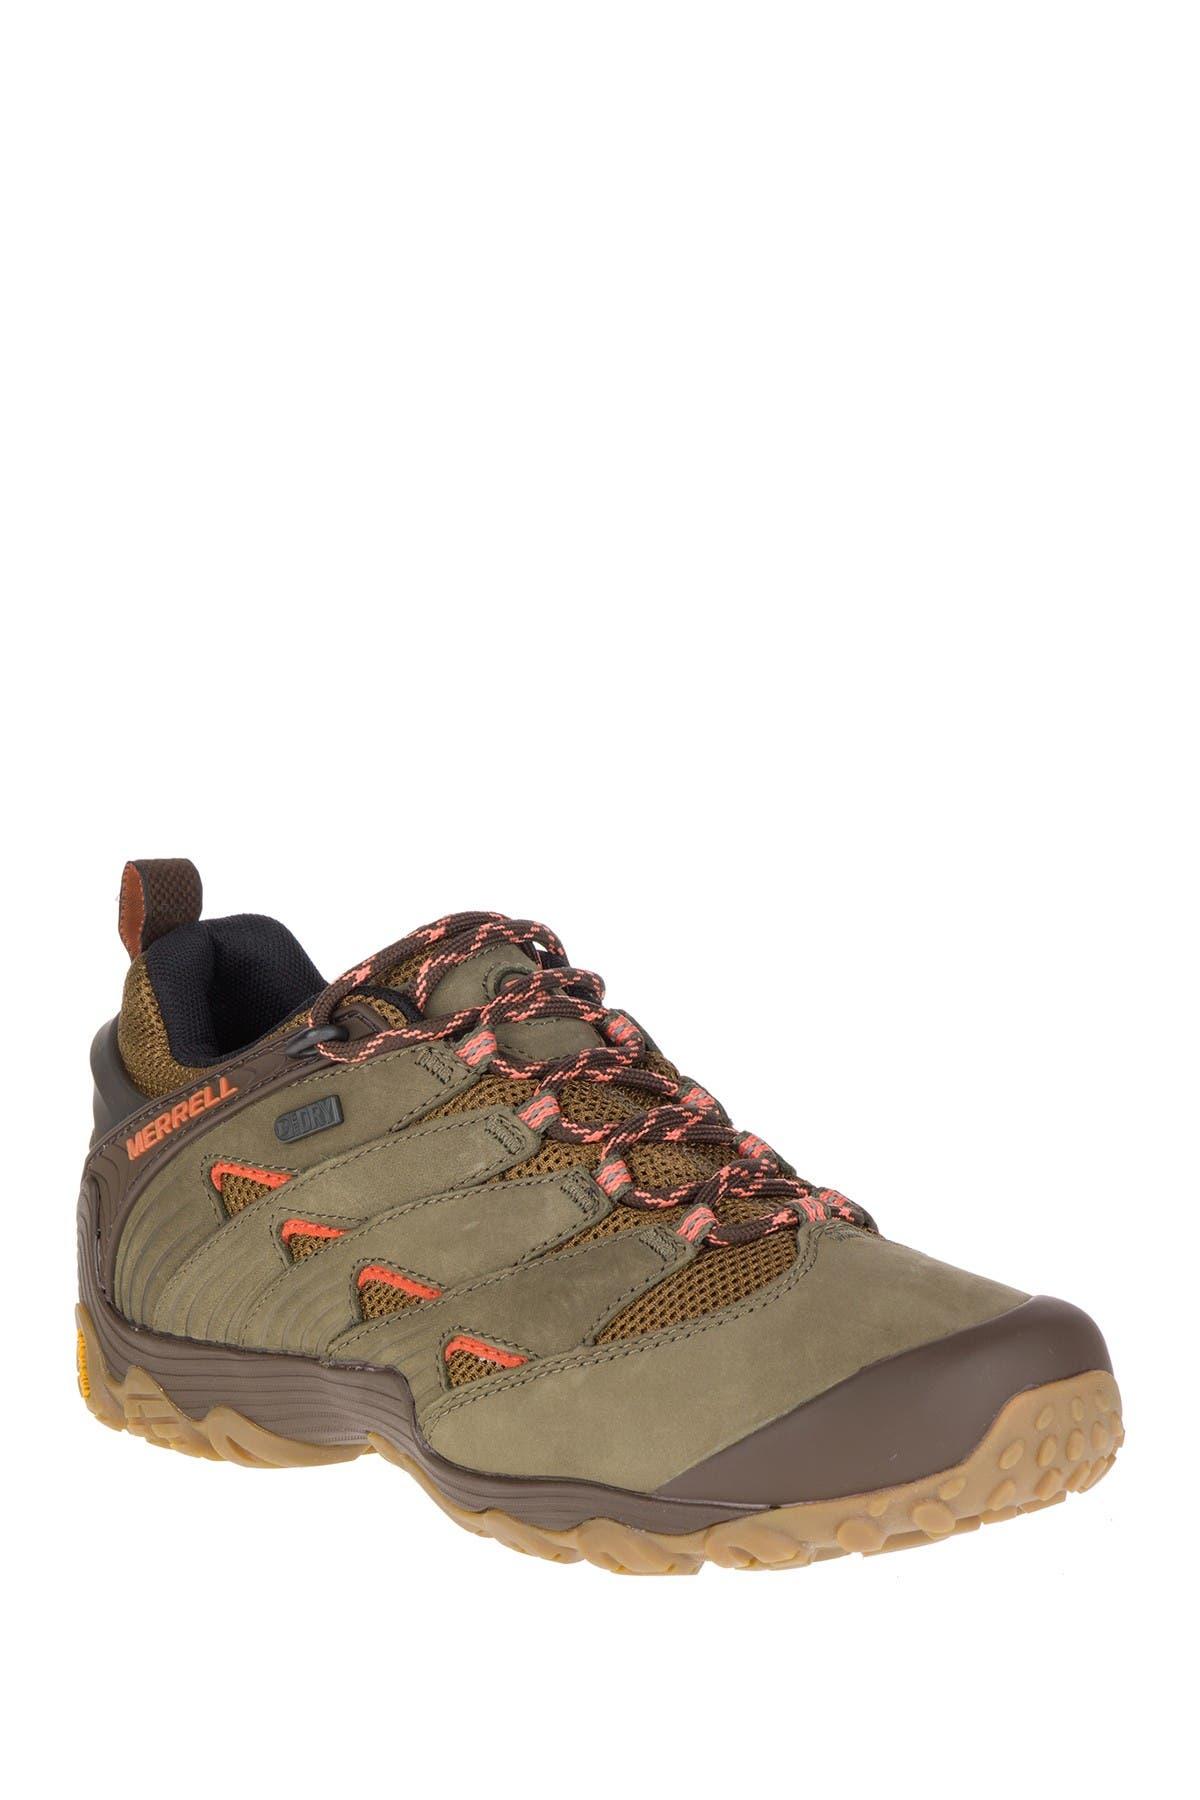 Image of Merrell Chameleon 7 Hiking Sneaker